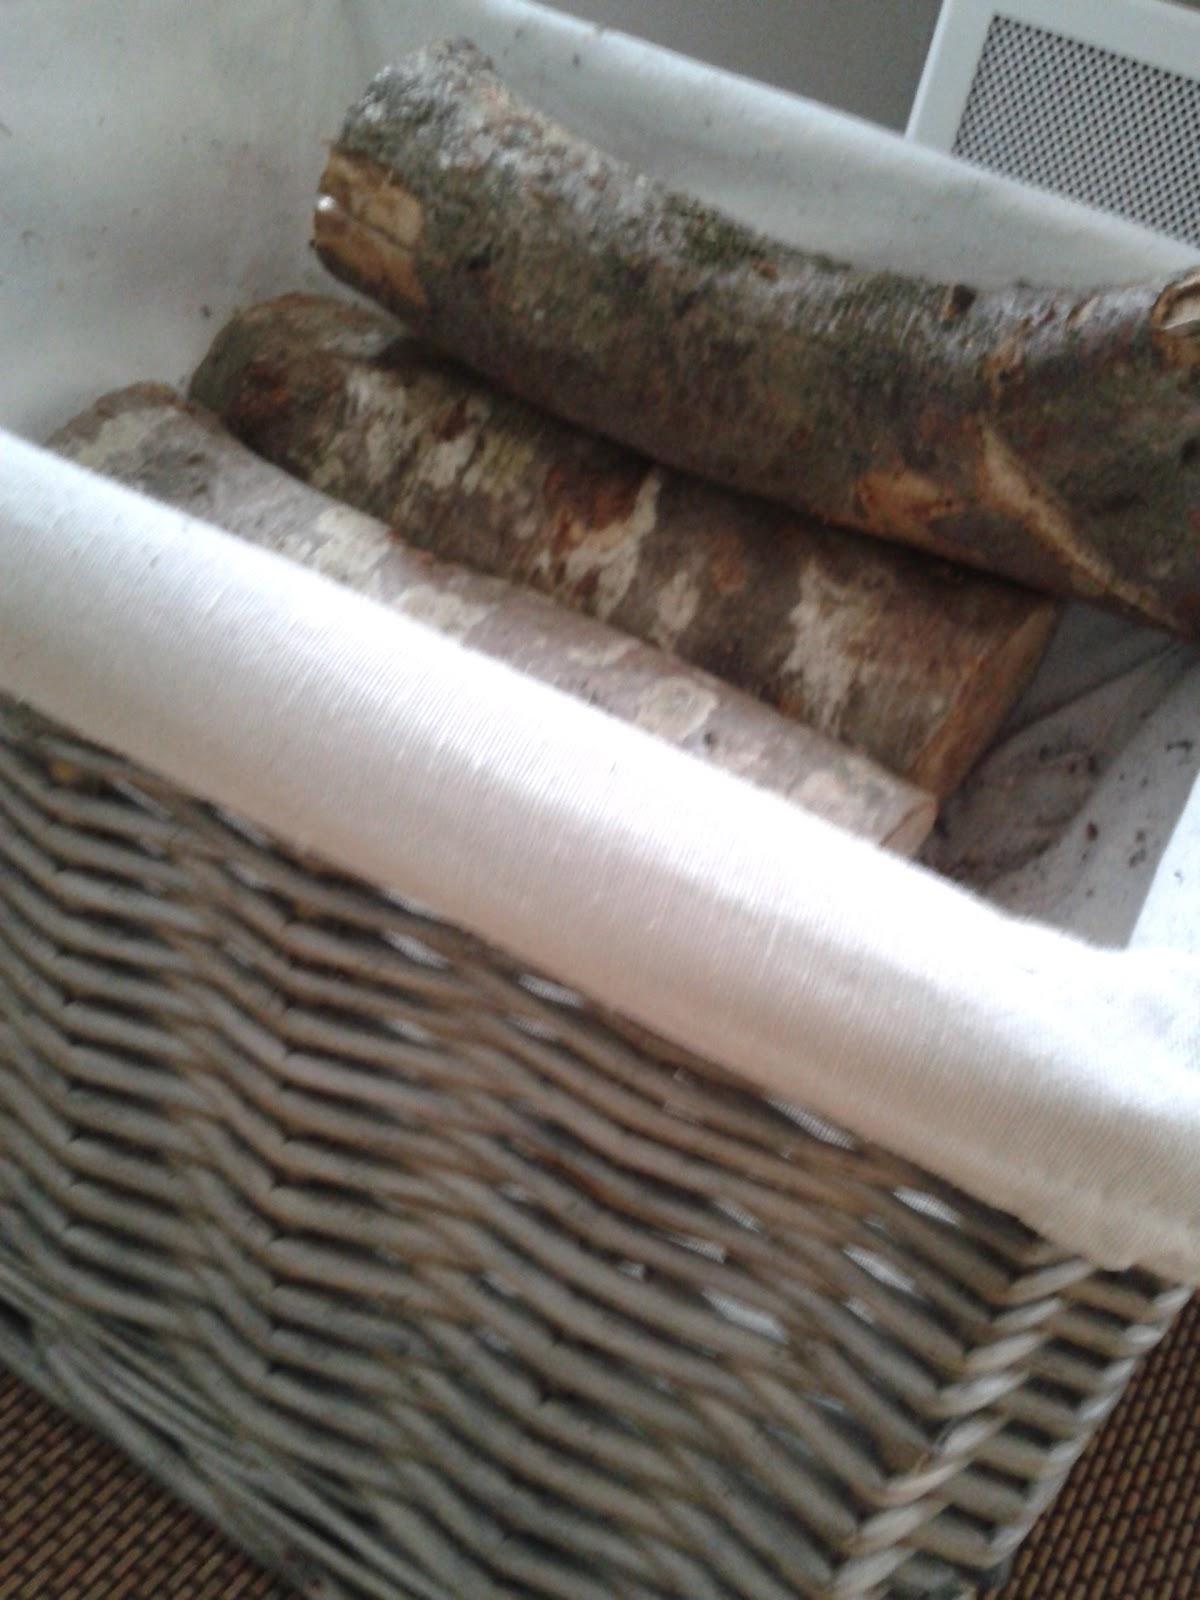 Con encanto cajas y cestos en el sal n - Cestos para lena ...